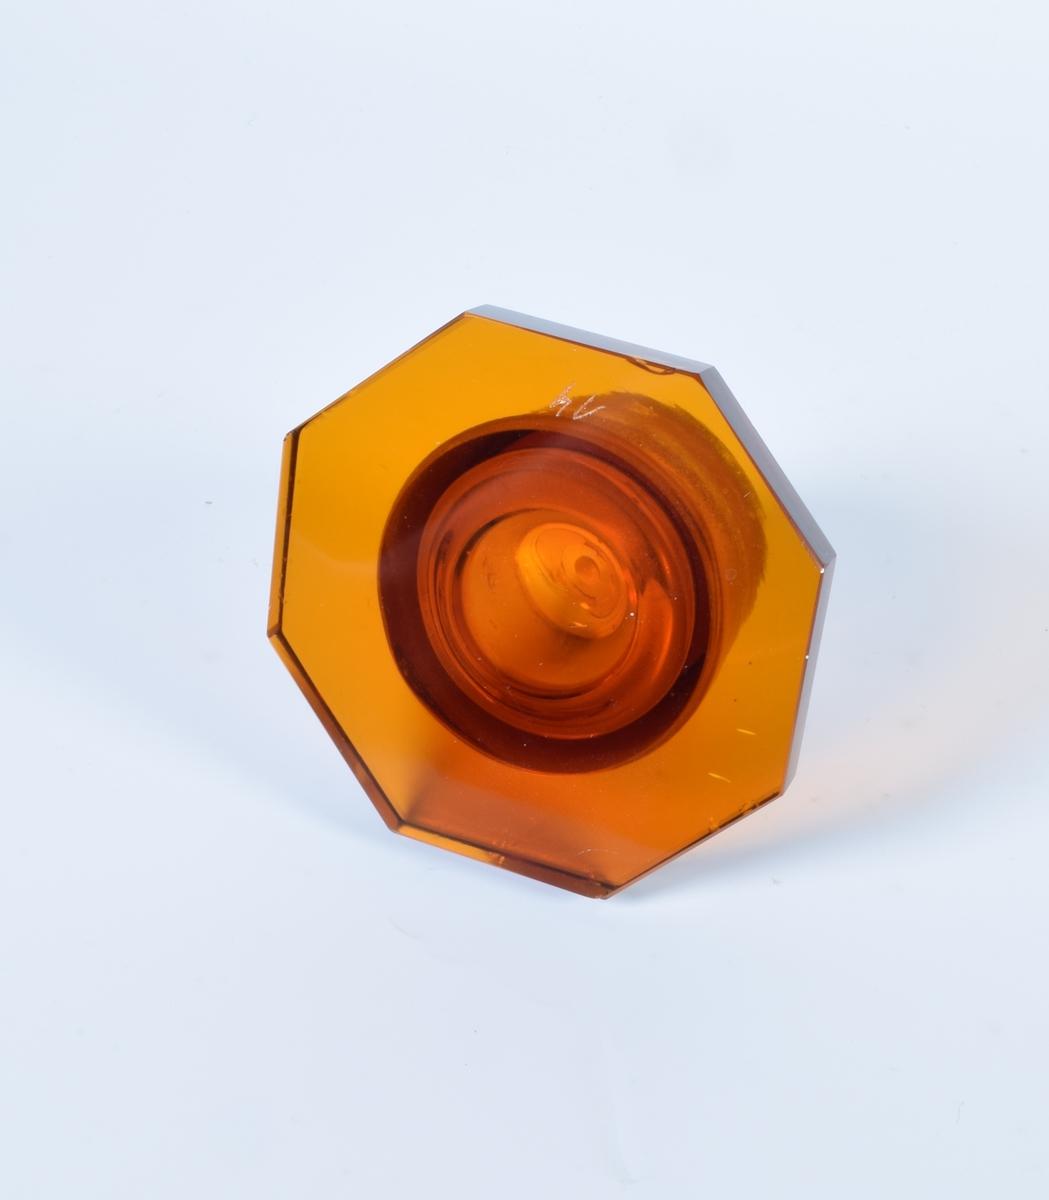 Seks identiske brune glasskruker med åttekantet, flatt lokk med propp. Samtlige har åttekantet hvit etikett med sort ramme.